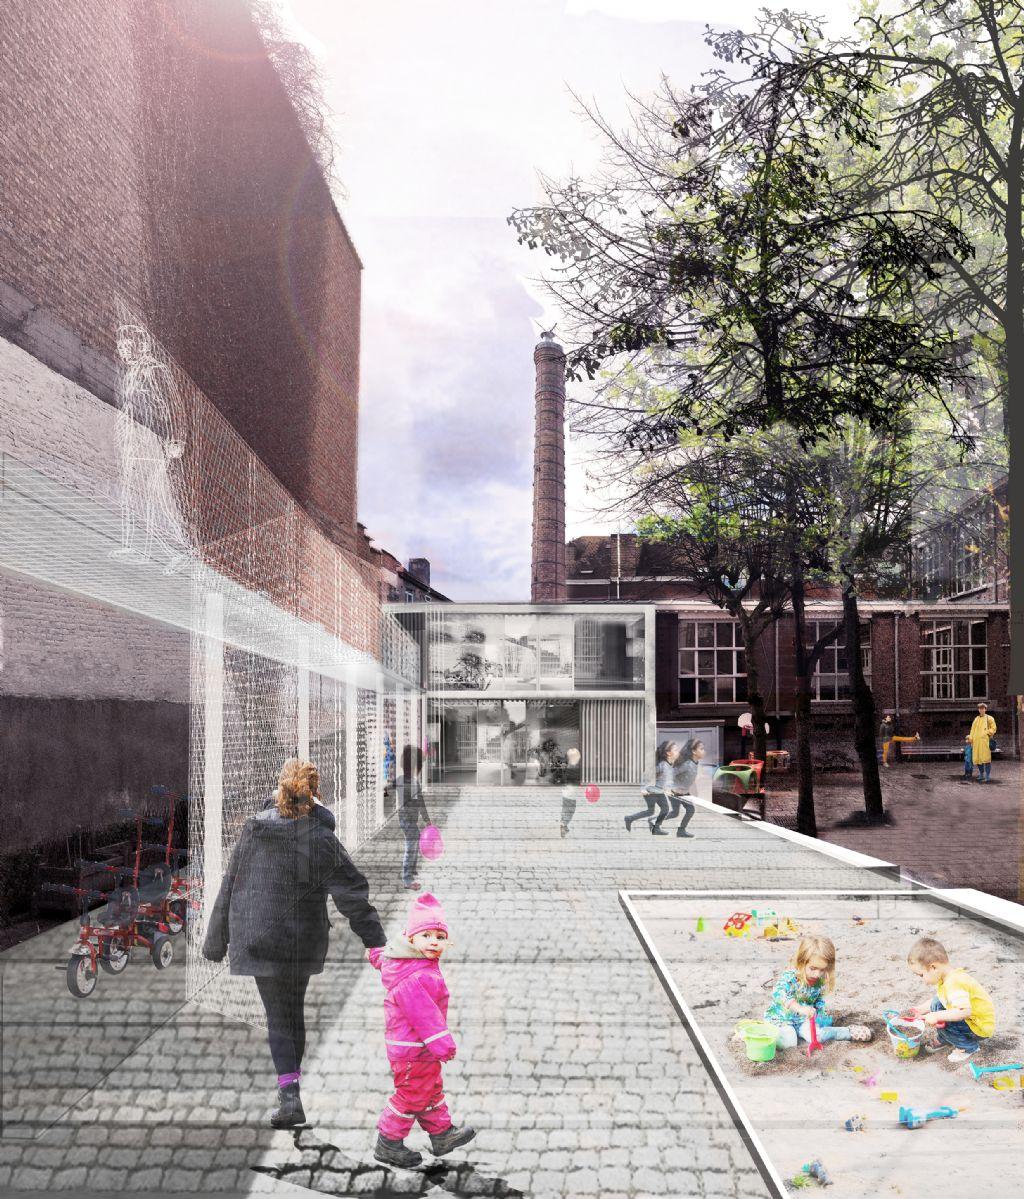 MAKER architecten en Gutiérrez-delaFuente ontwerpen 9 woningen met circulaire insteek in Marollen